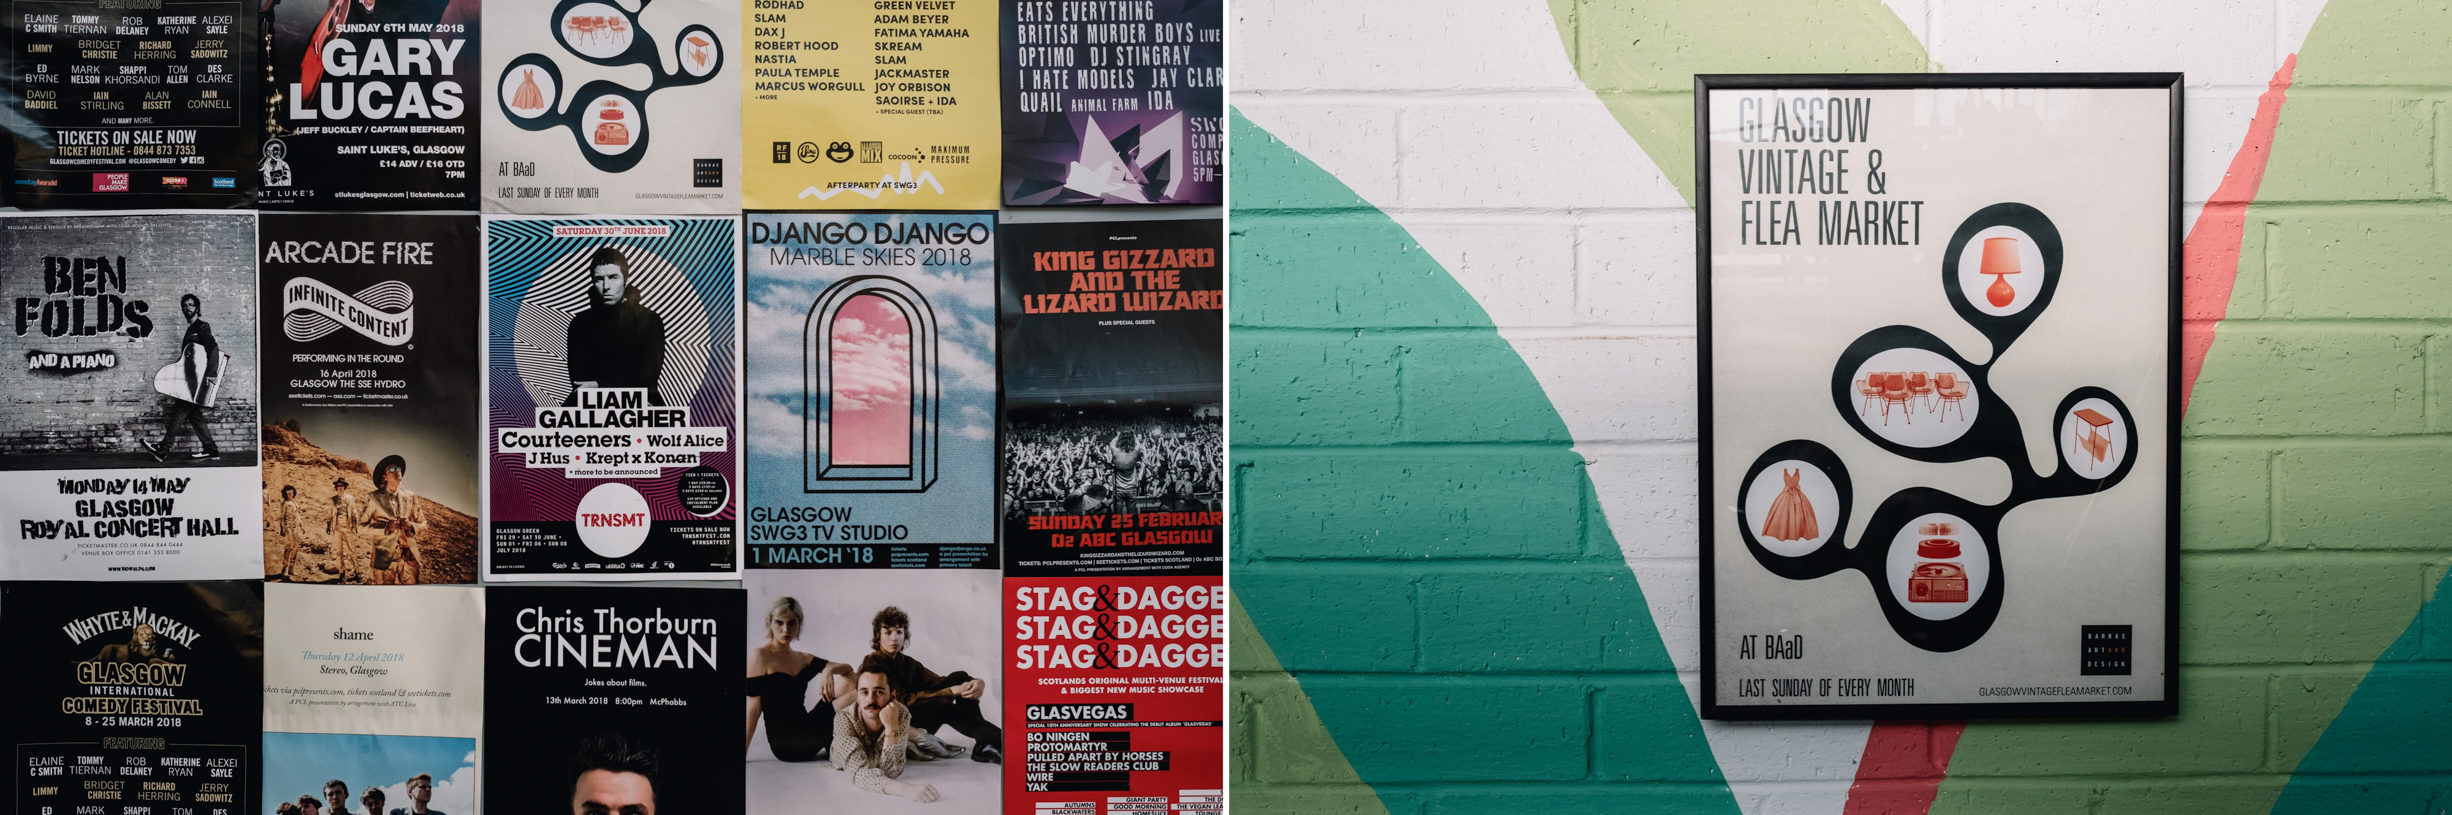 03-BaAD-posters-inside.jpg